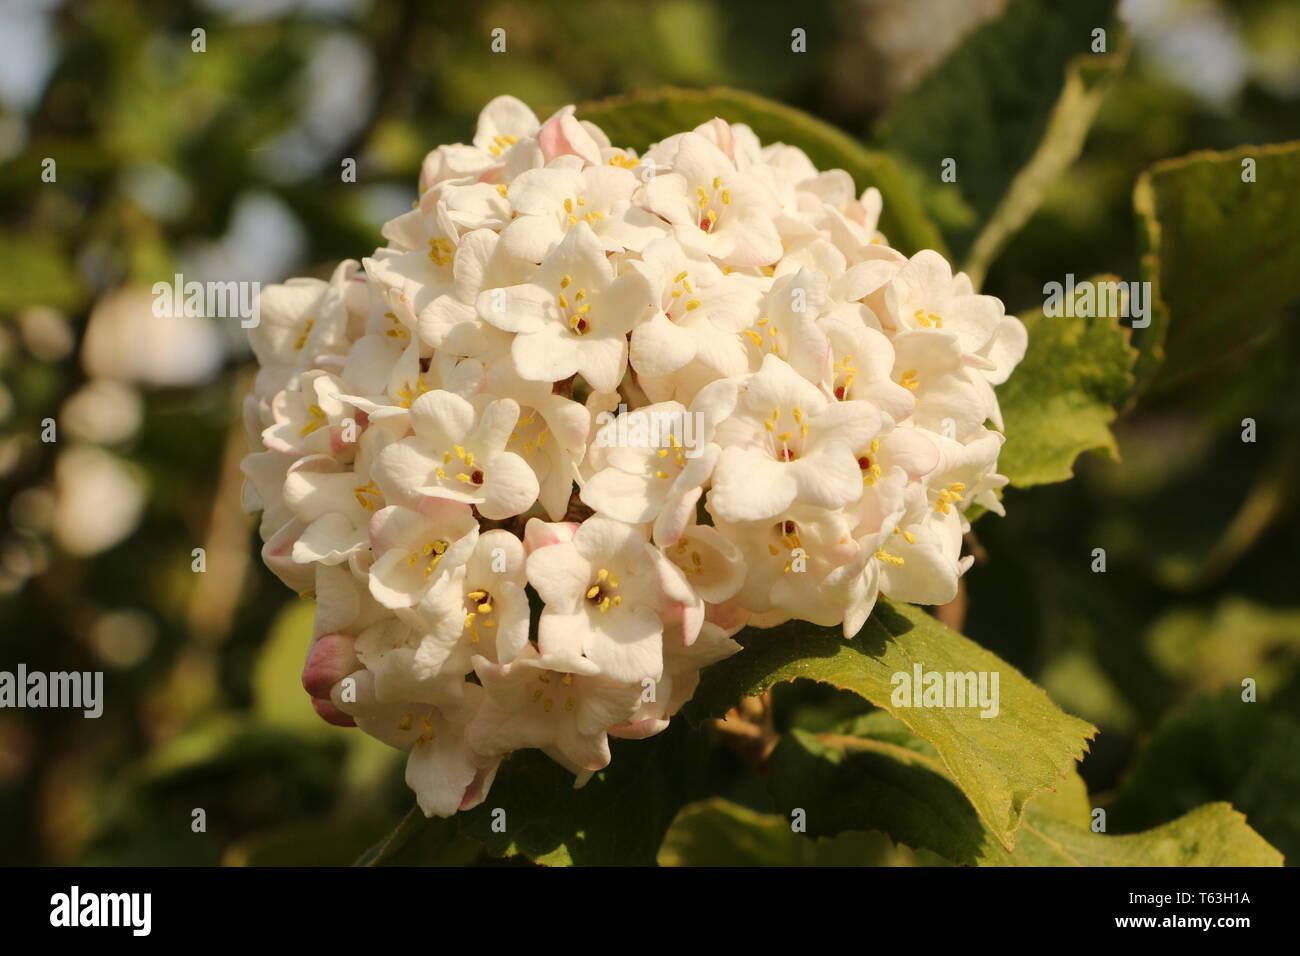 Blütenzauber in der Provinz Zeeland in Holland - Stock Image